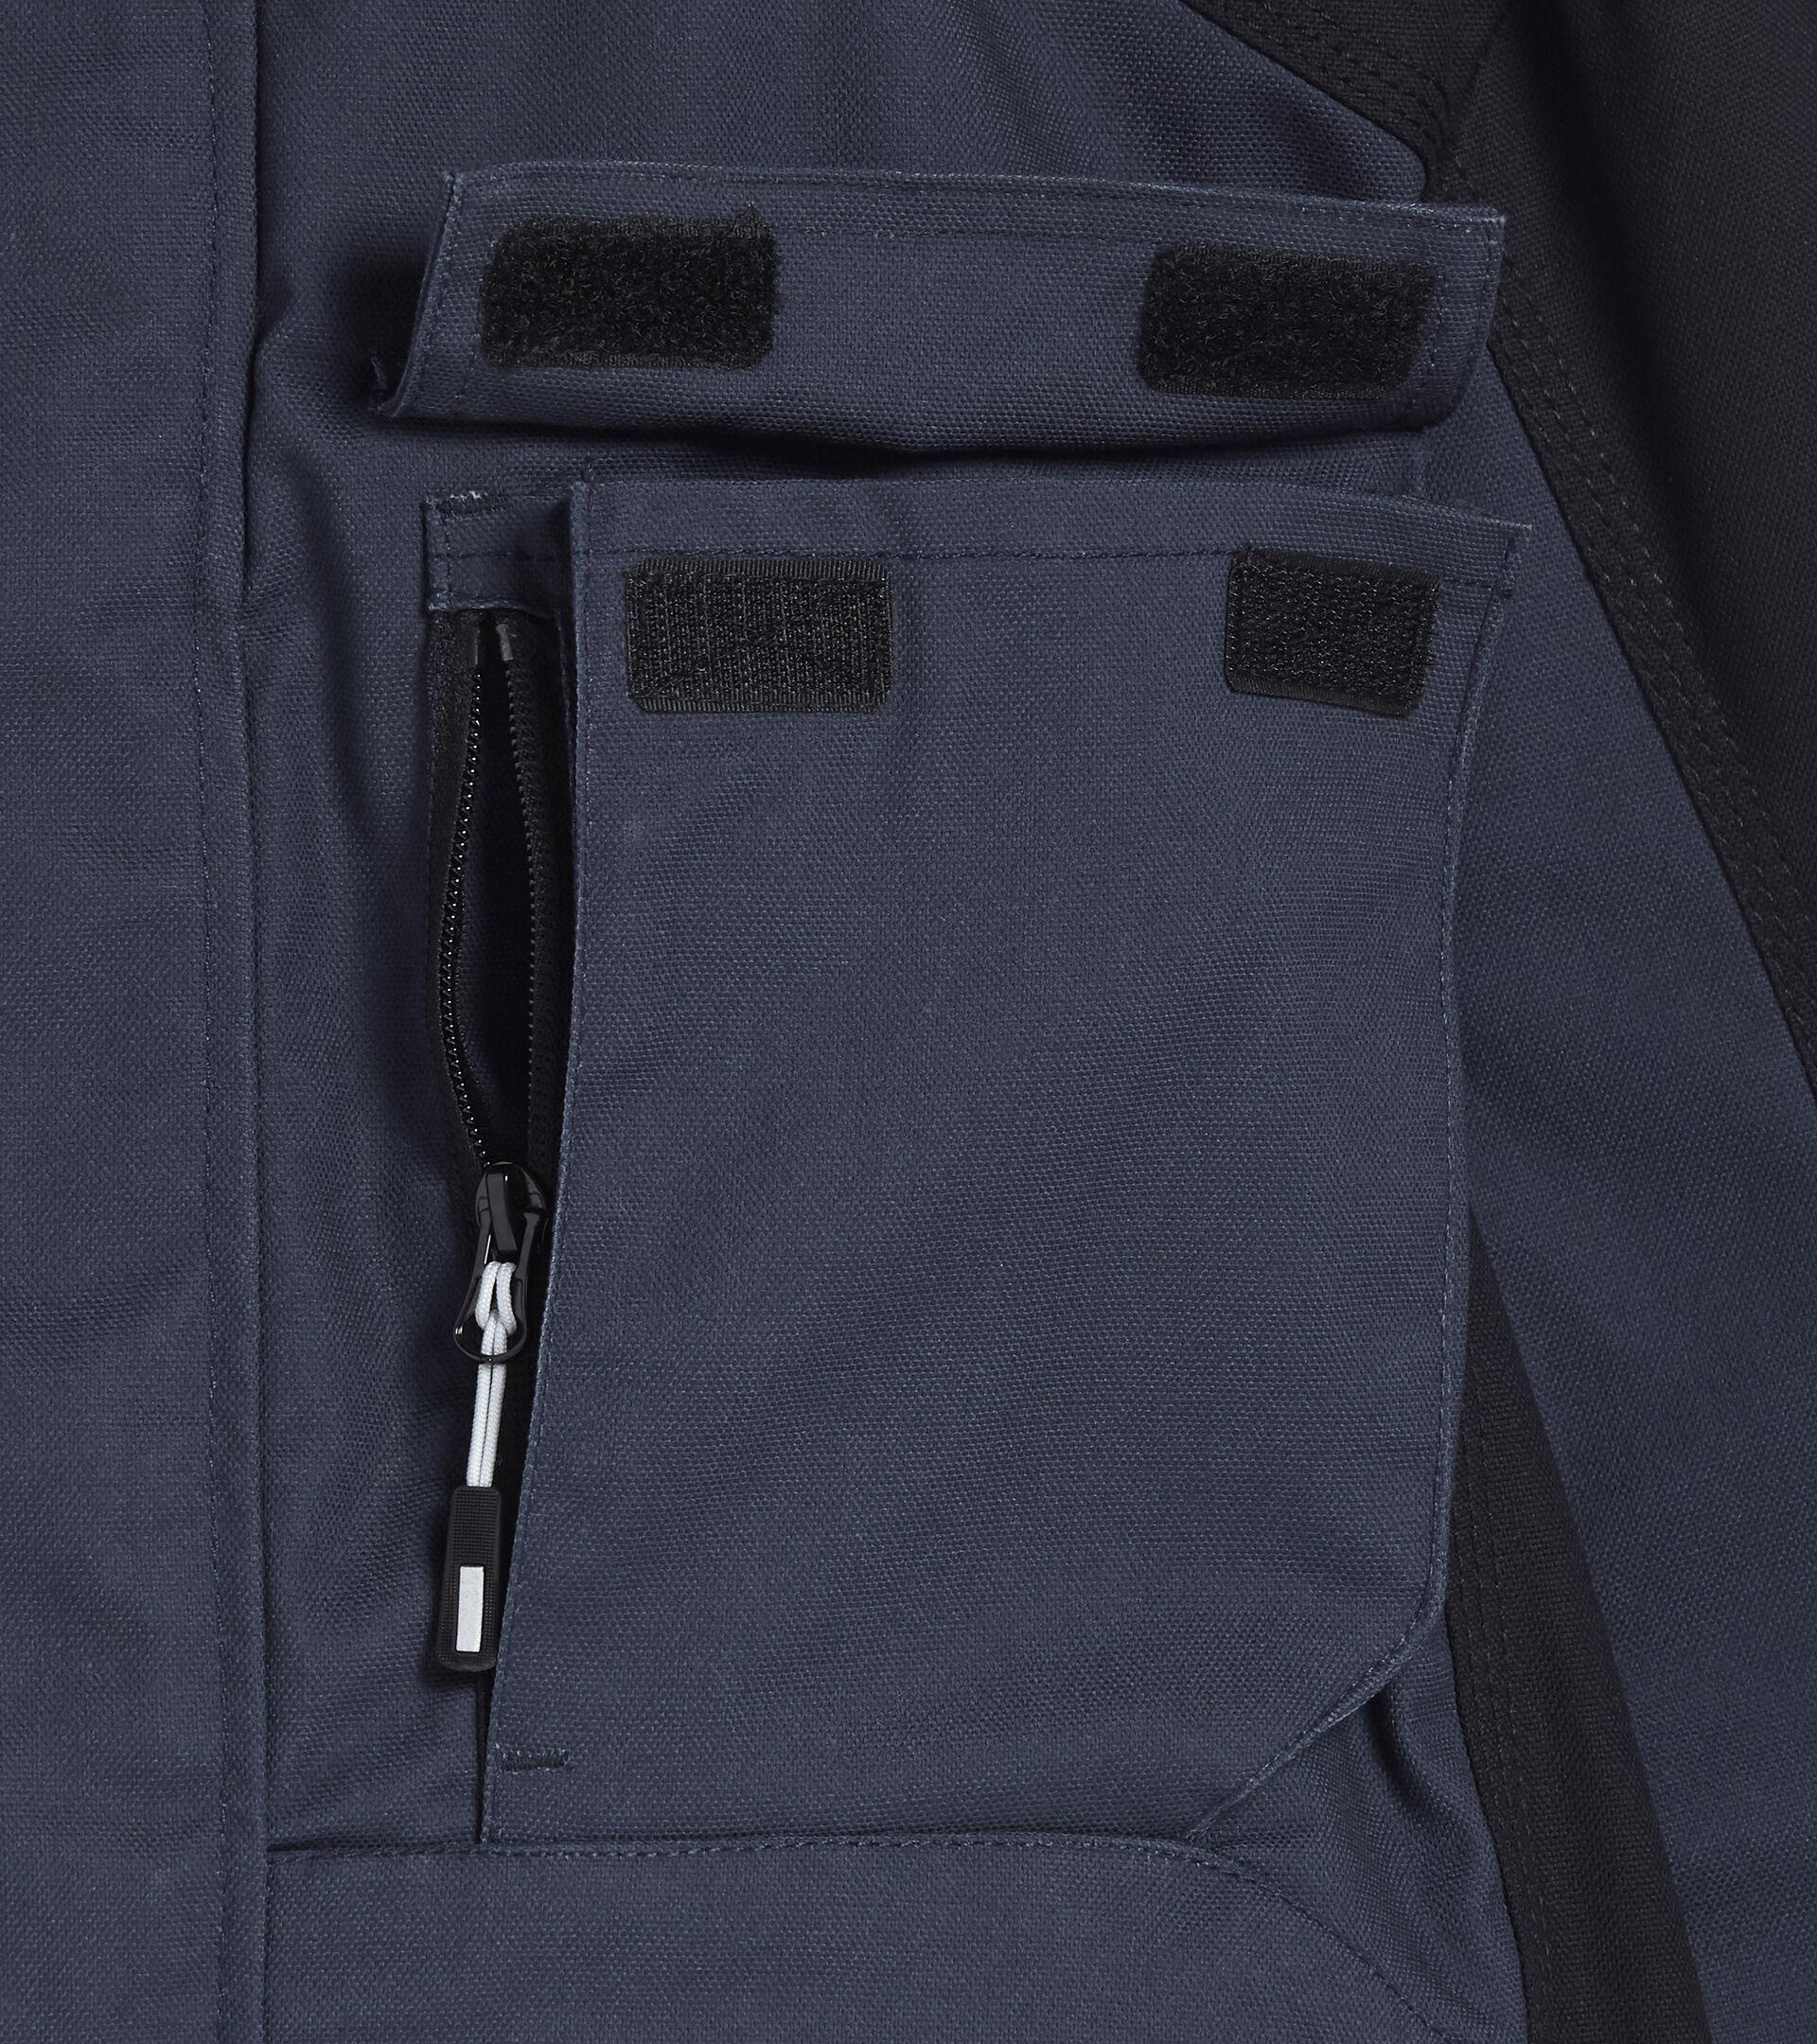 Apparel Utility UOMO WORKWEAR JKT TECH BLUE DENIM Utility